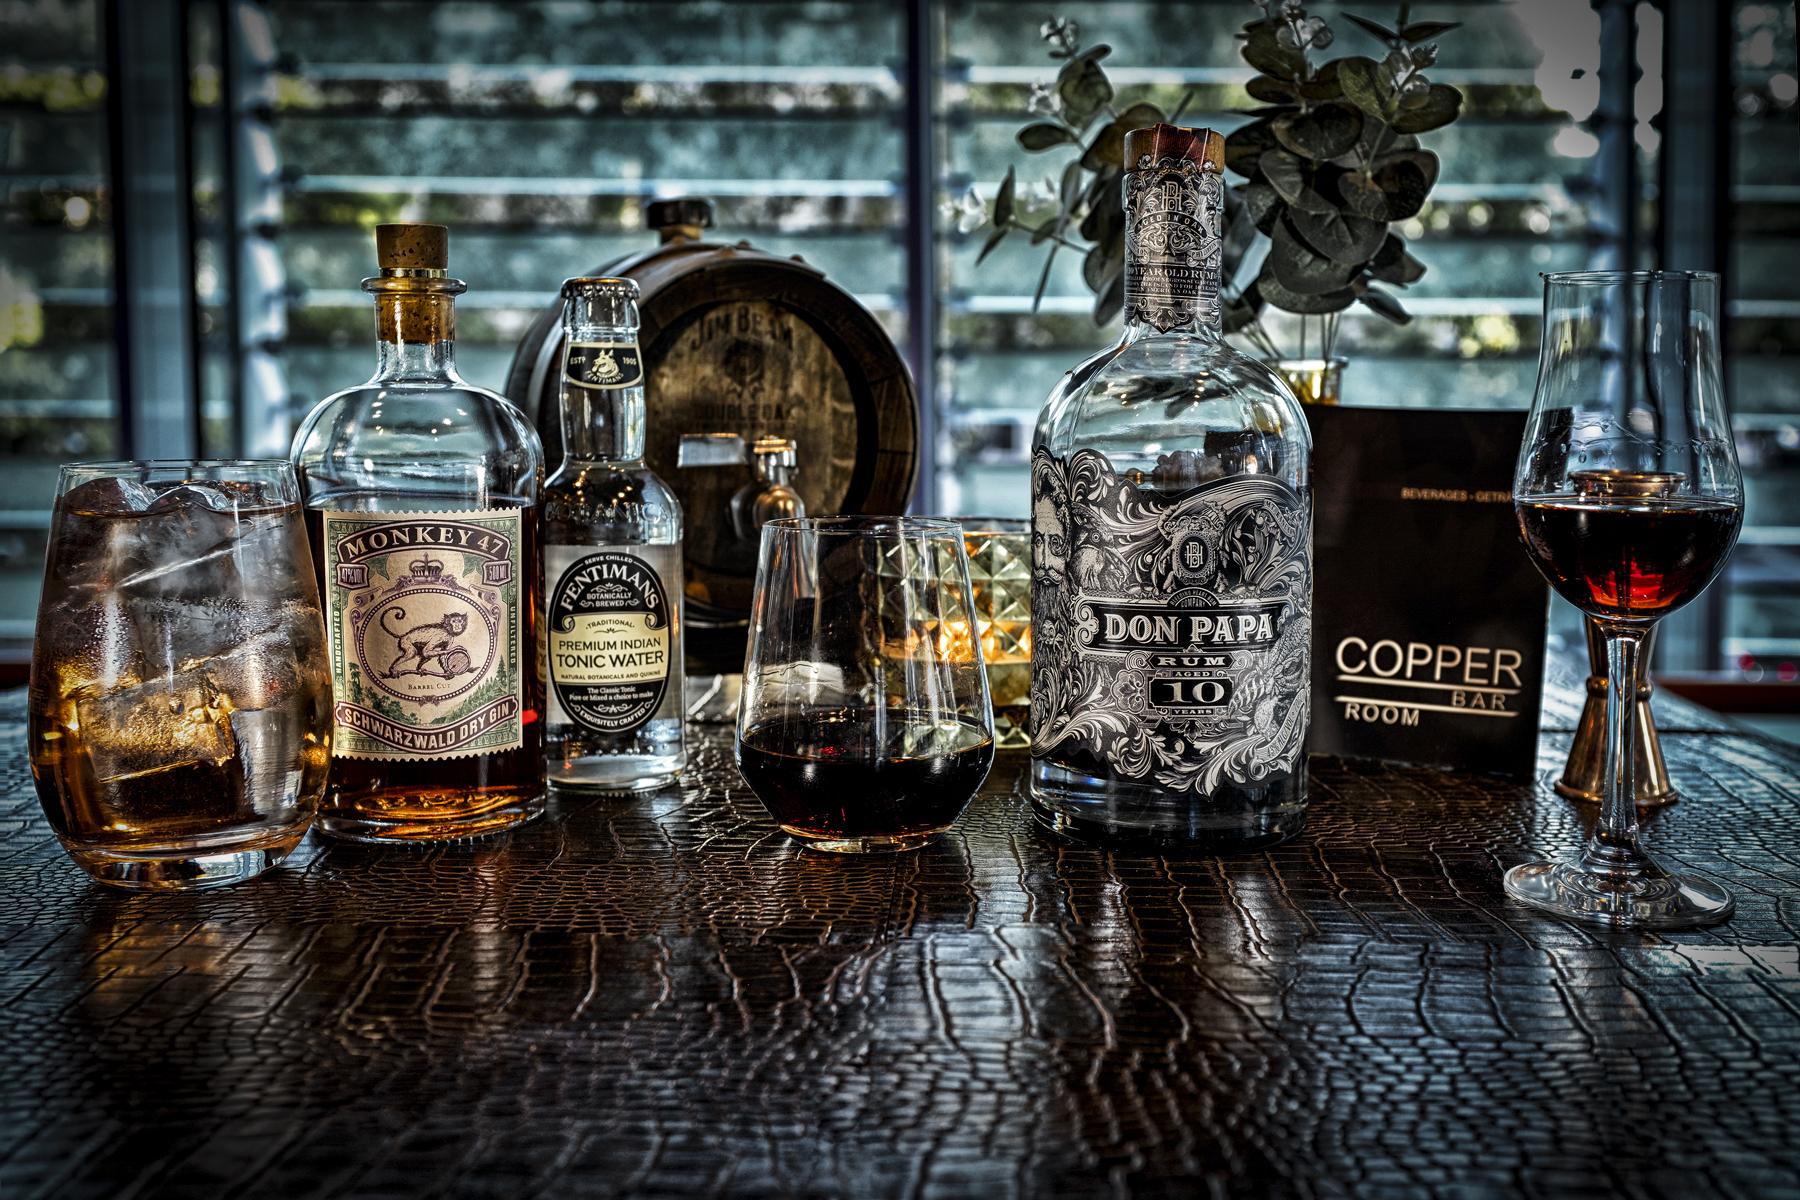 copper bar frankfurt drinks  monkey 47 gin barrel cut don papa rum 10y